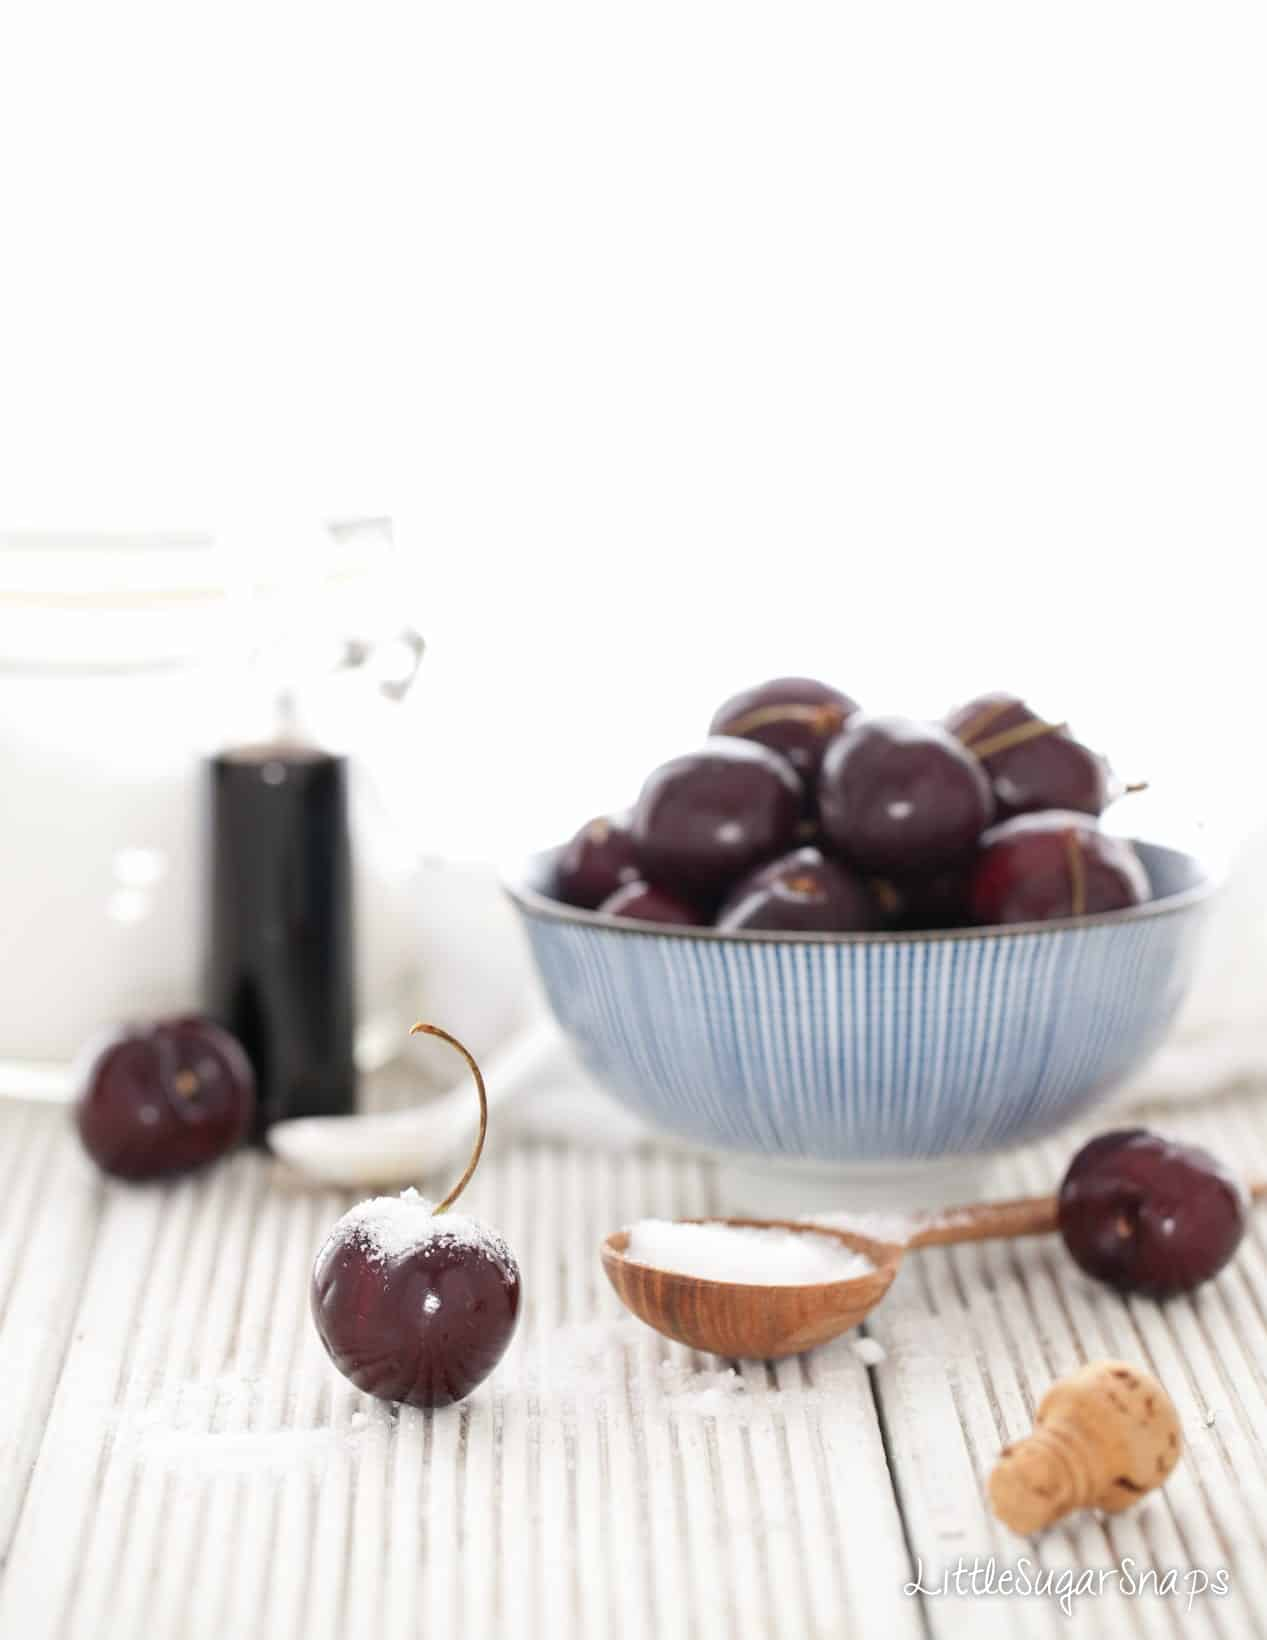 Fresh cherries in a blue bowl